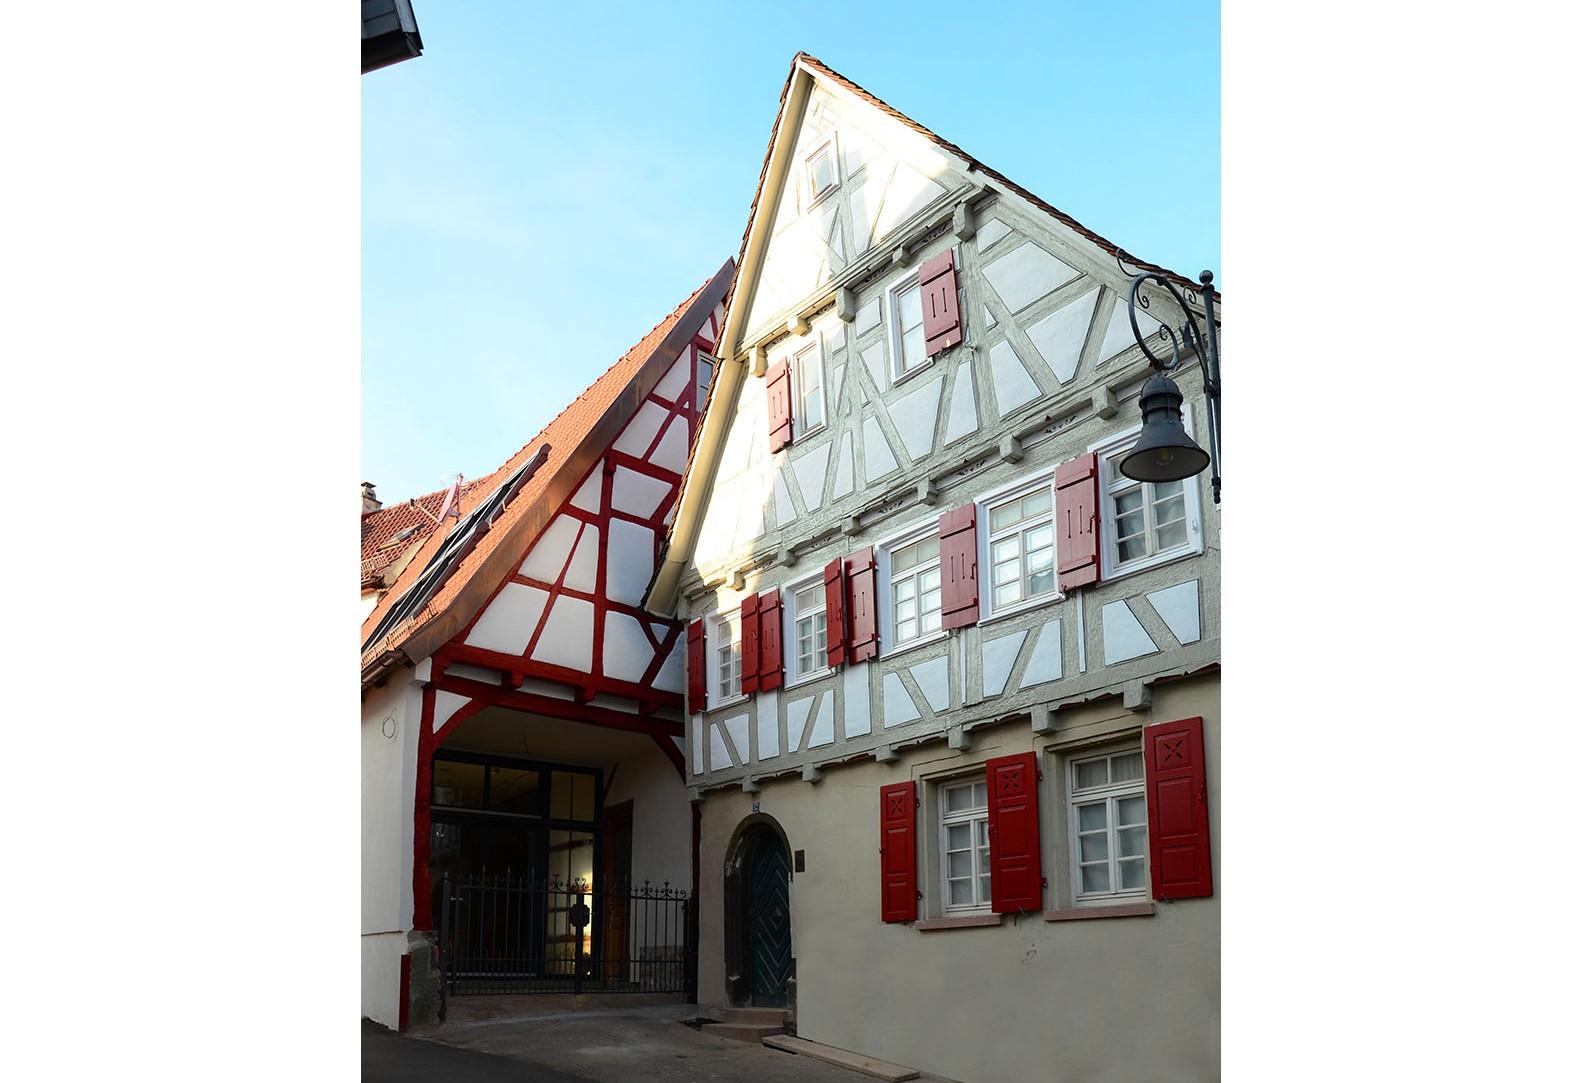 Umbau Scheuer zu Atelier und Sanierung eines denkmalgeschützten Wohngebäudes - Waiblingen